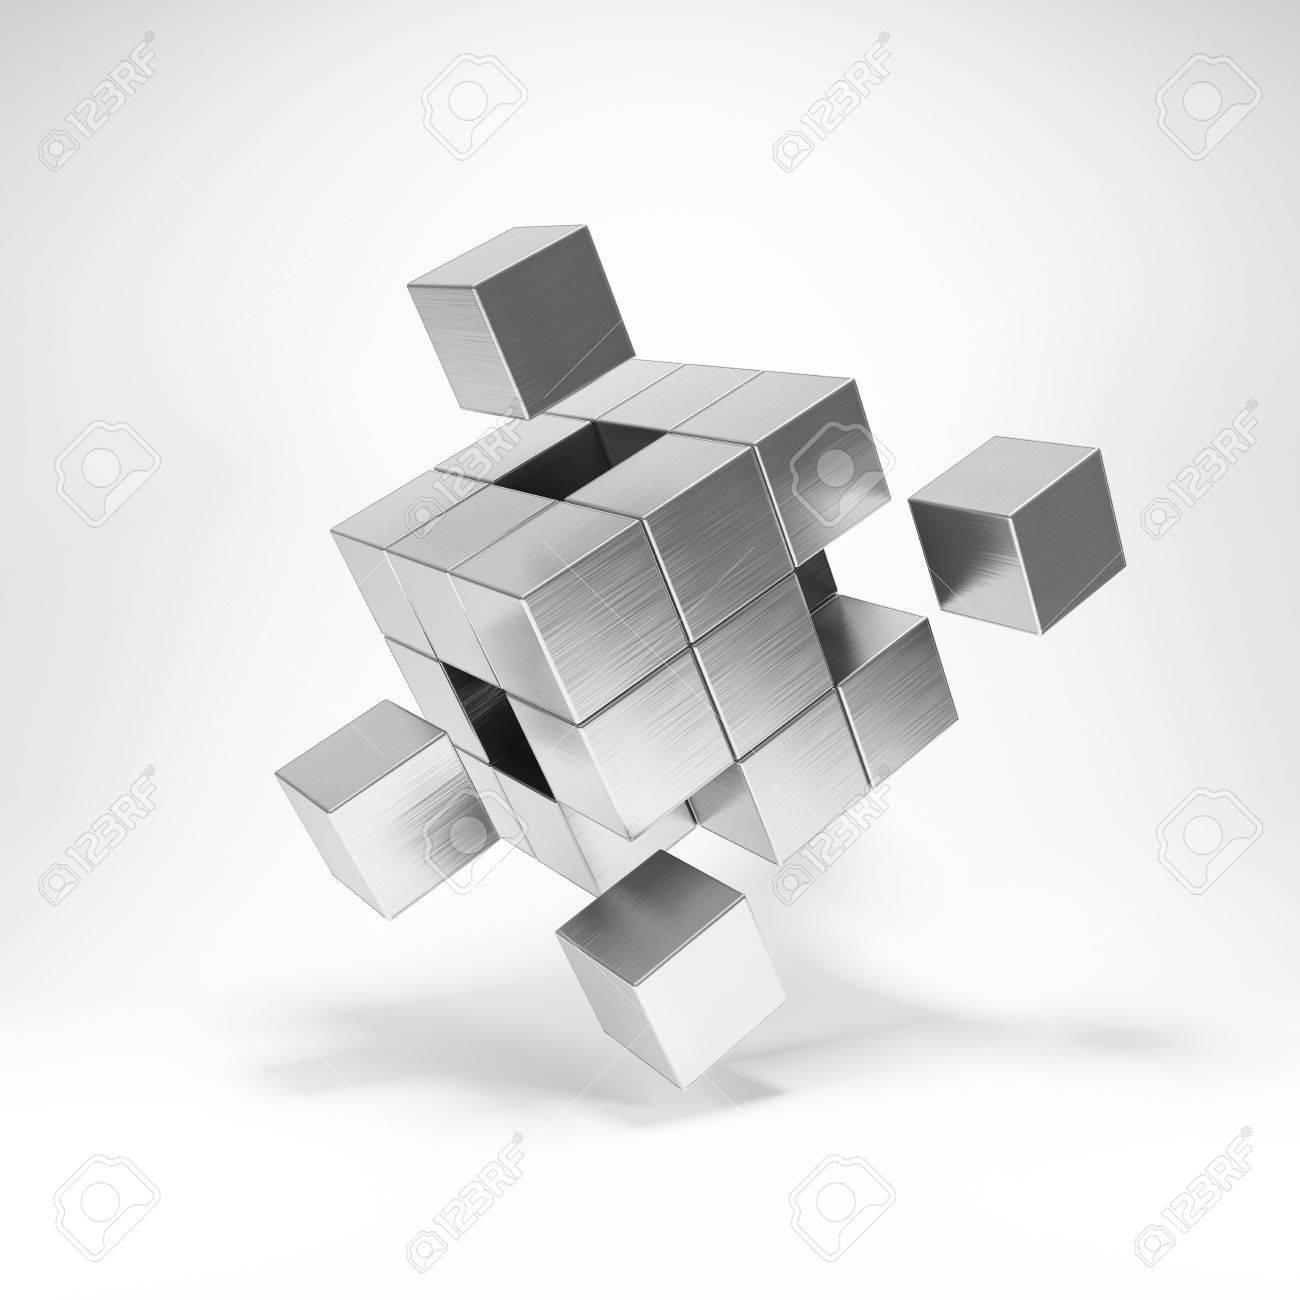 Cubo Di Metallo.Cubo Di Metallo Con Elementi Chiave Illustrazione 3d